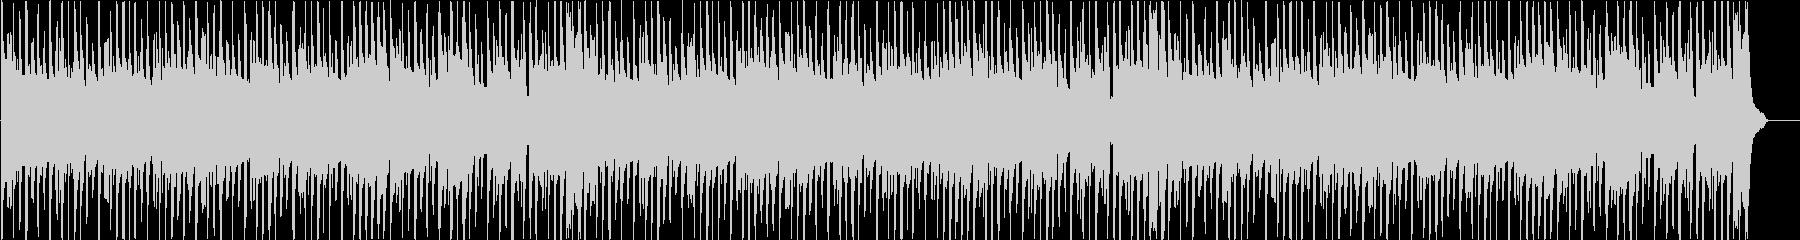 コミカルで陽気なブルースファンクの未再生の波形